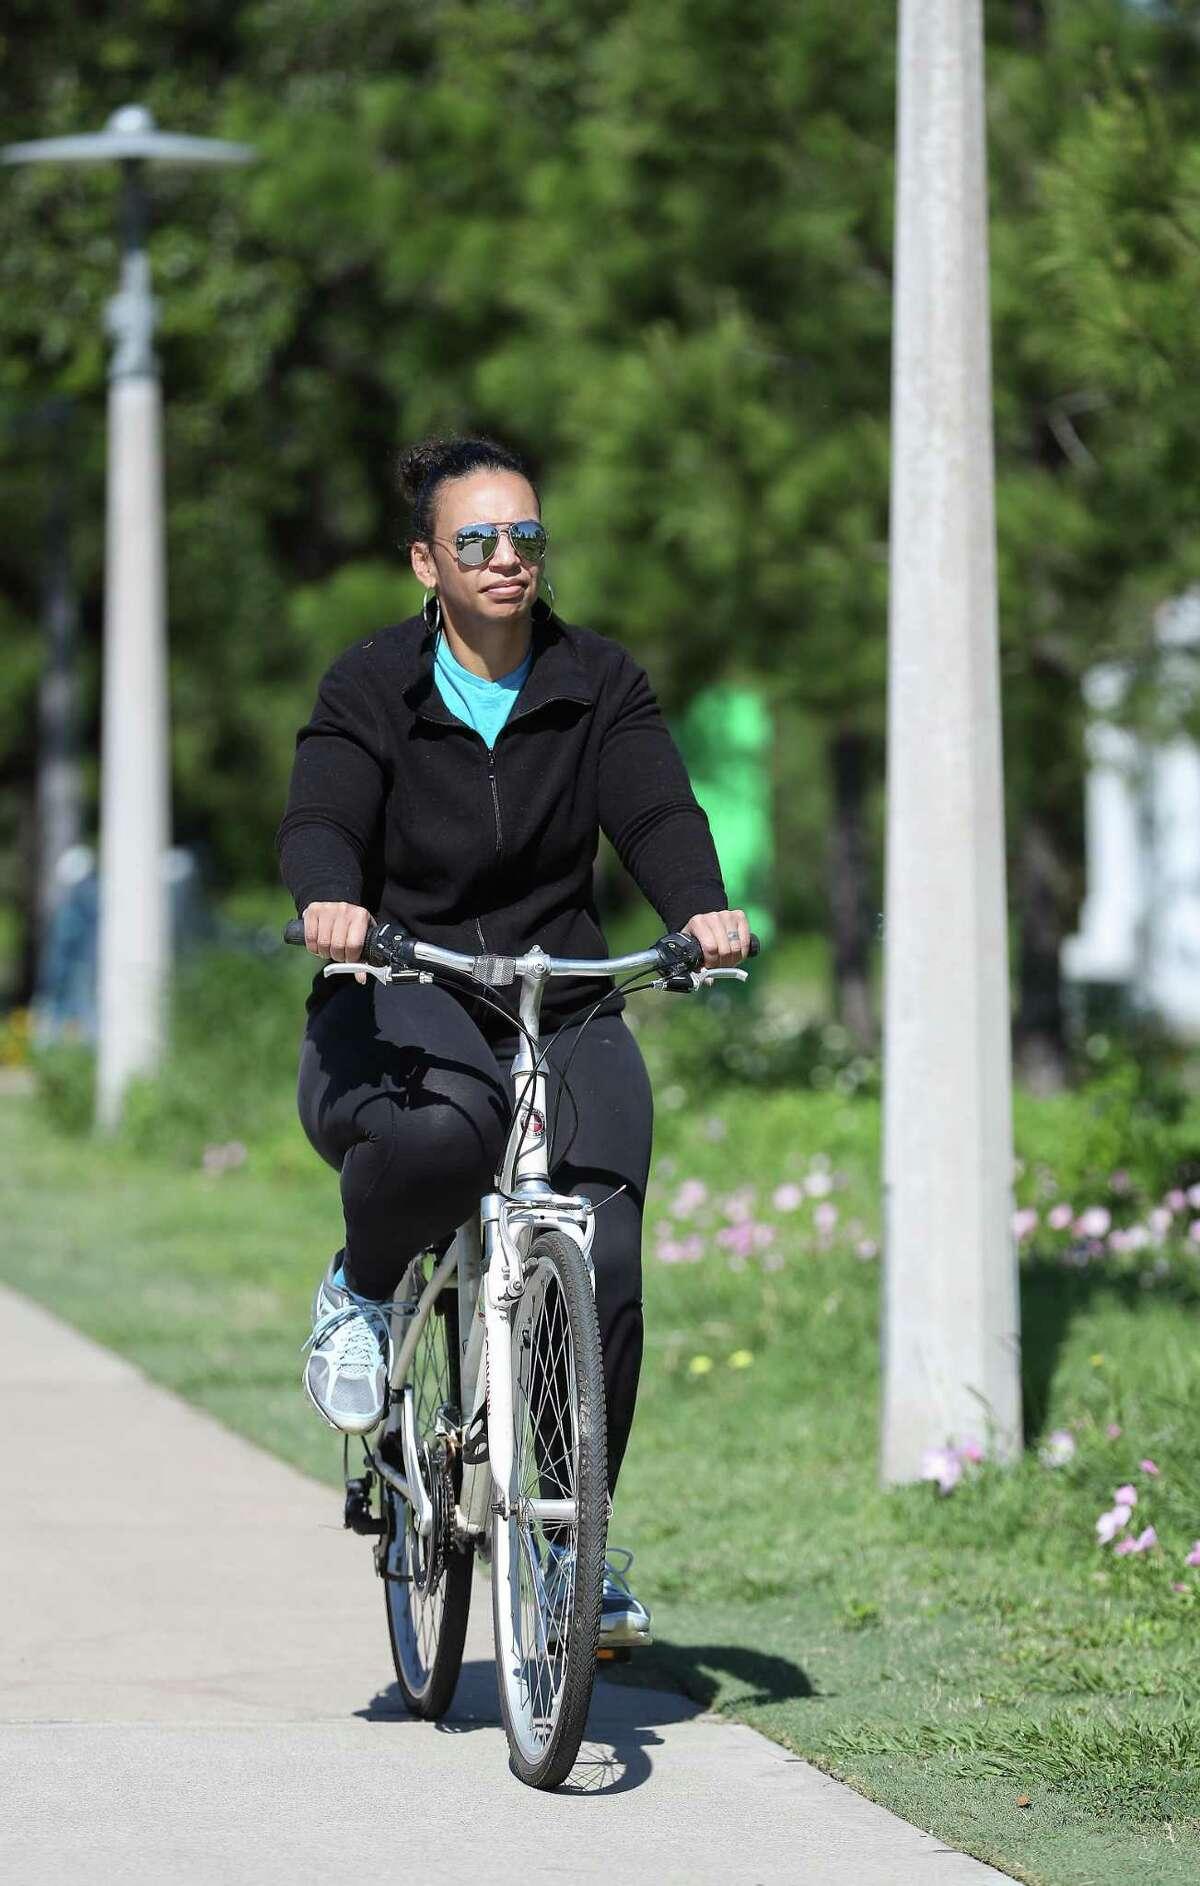 Lauren Luna rides daily.